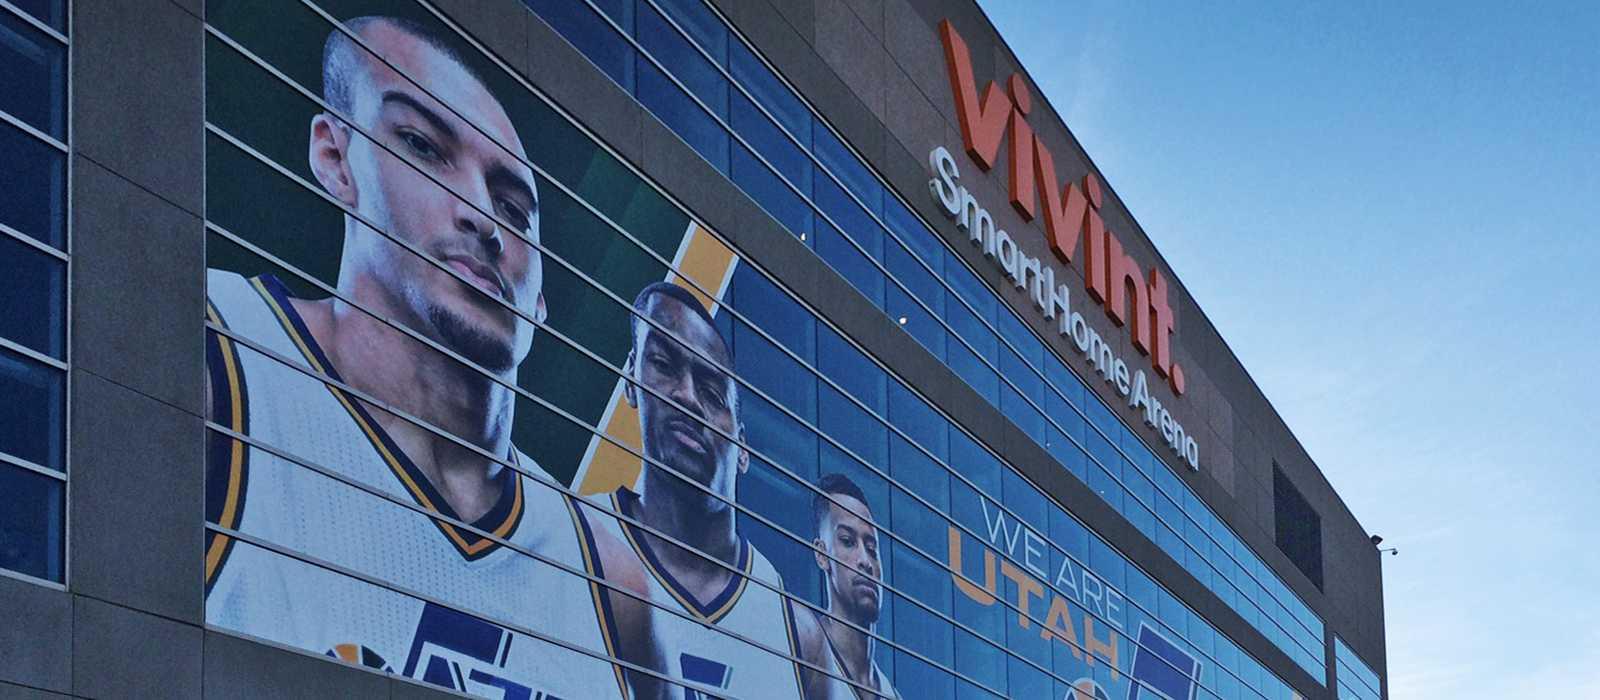 Die Arena in Salt Lake City